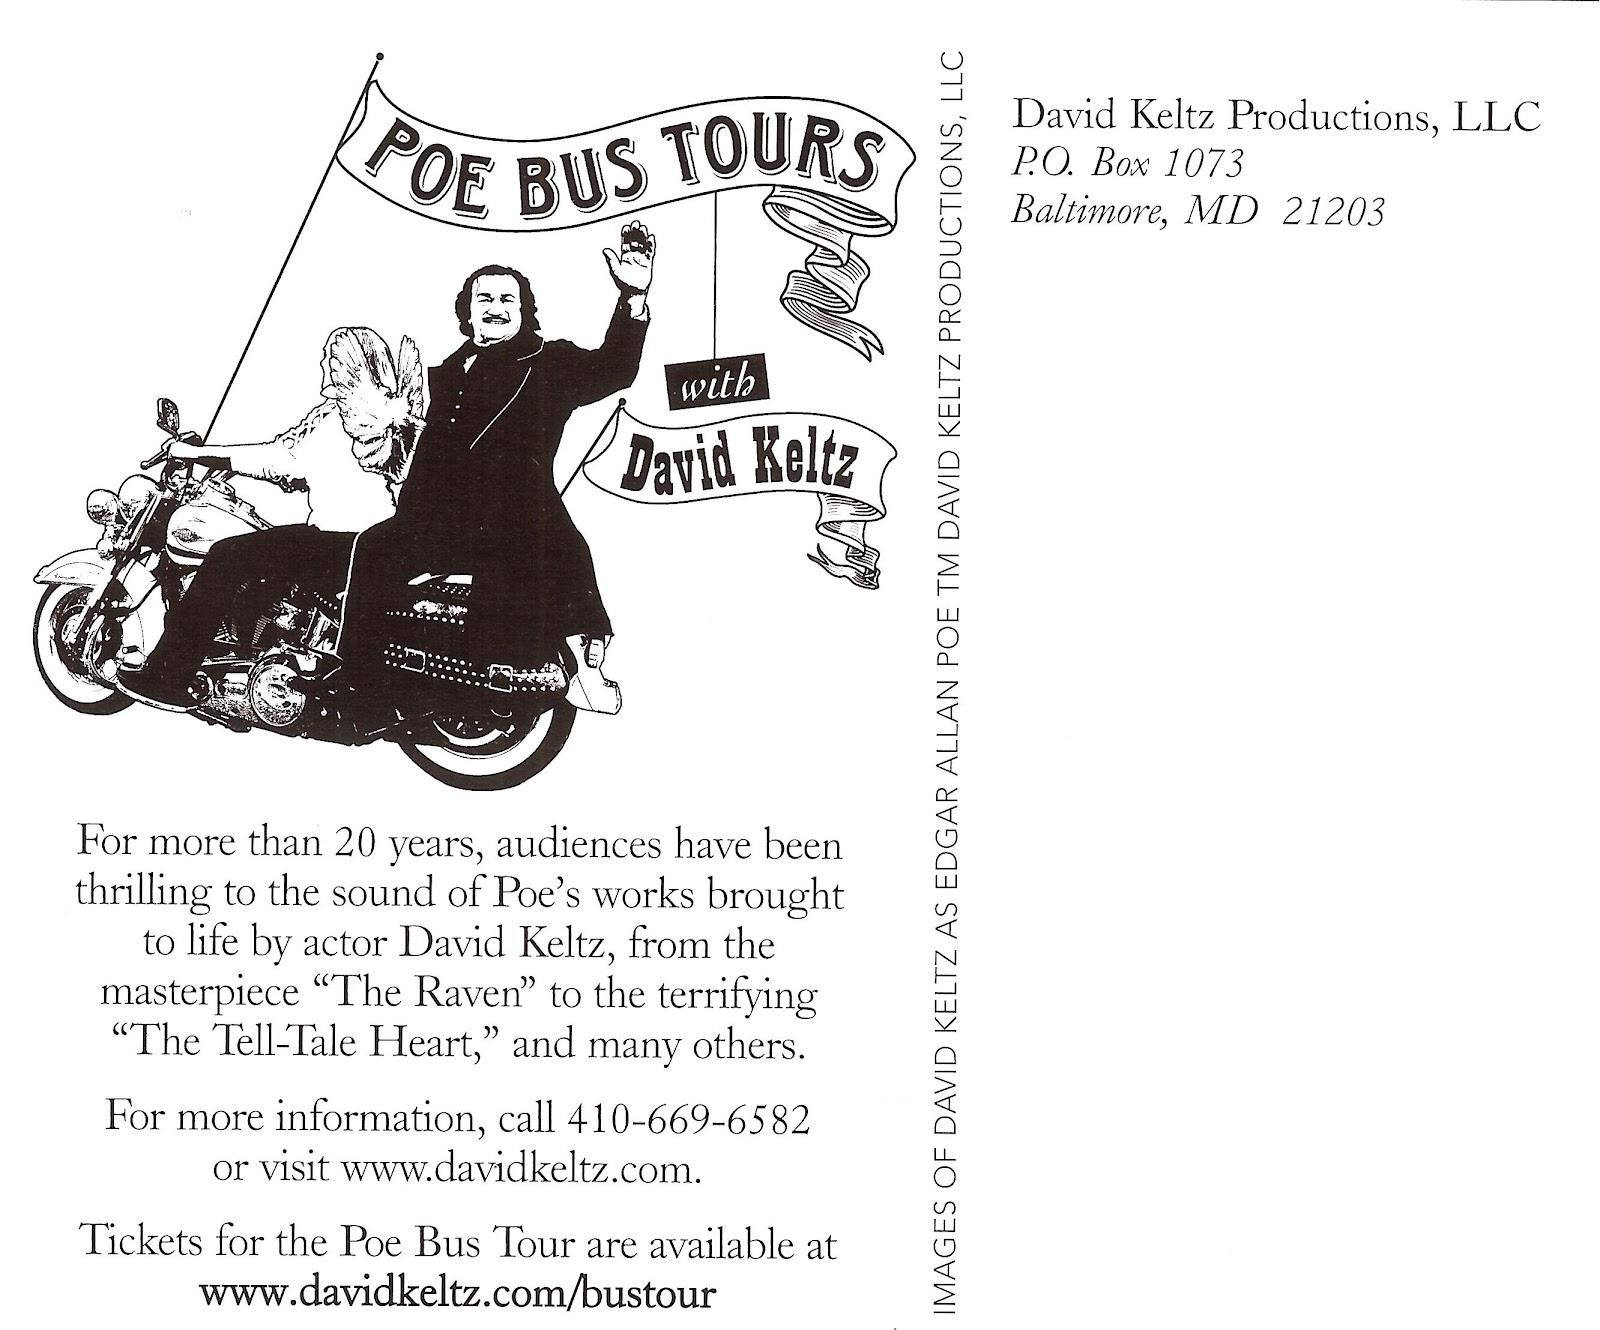 David Keltz Bus Tour